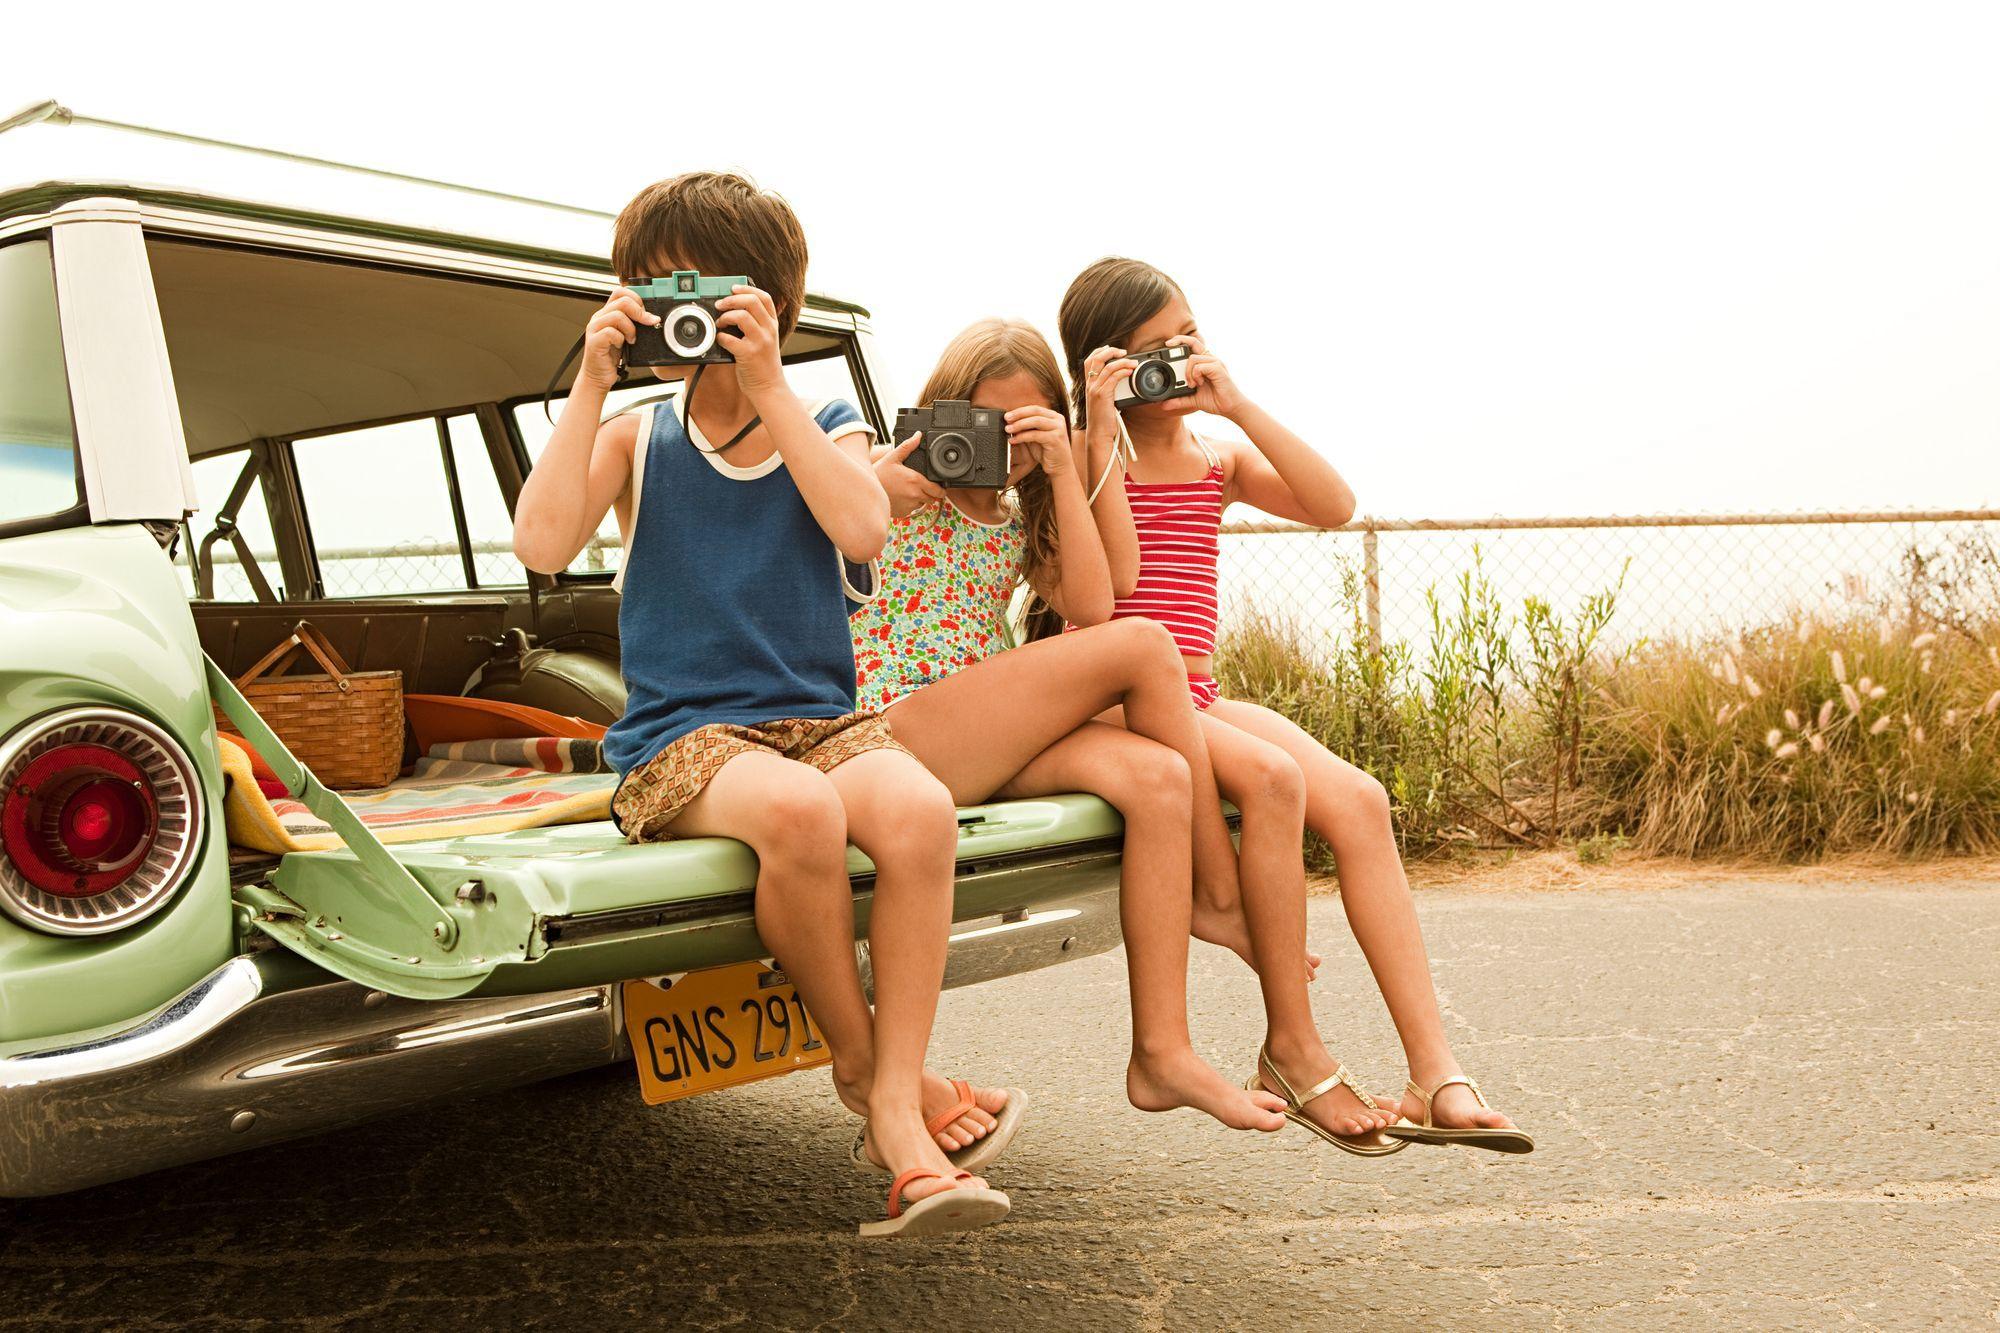 bambini-viaggio-scambiodellacasa-vacanze-famiglia-fotografia